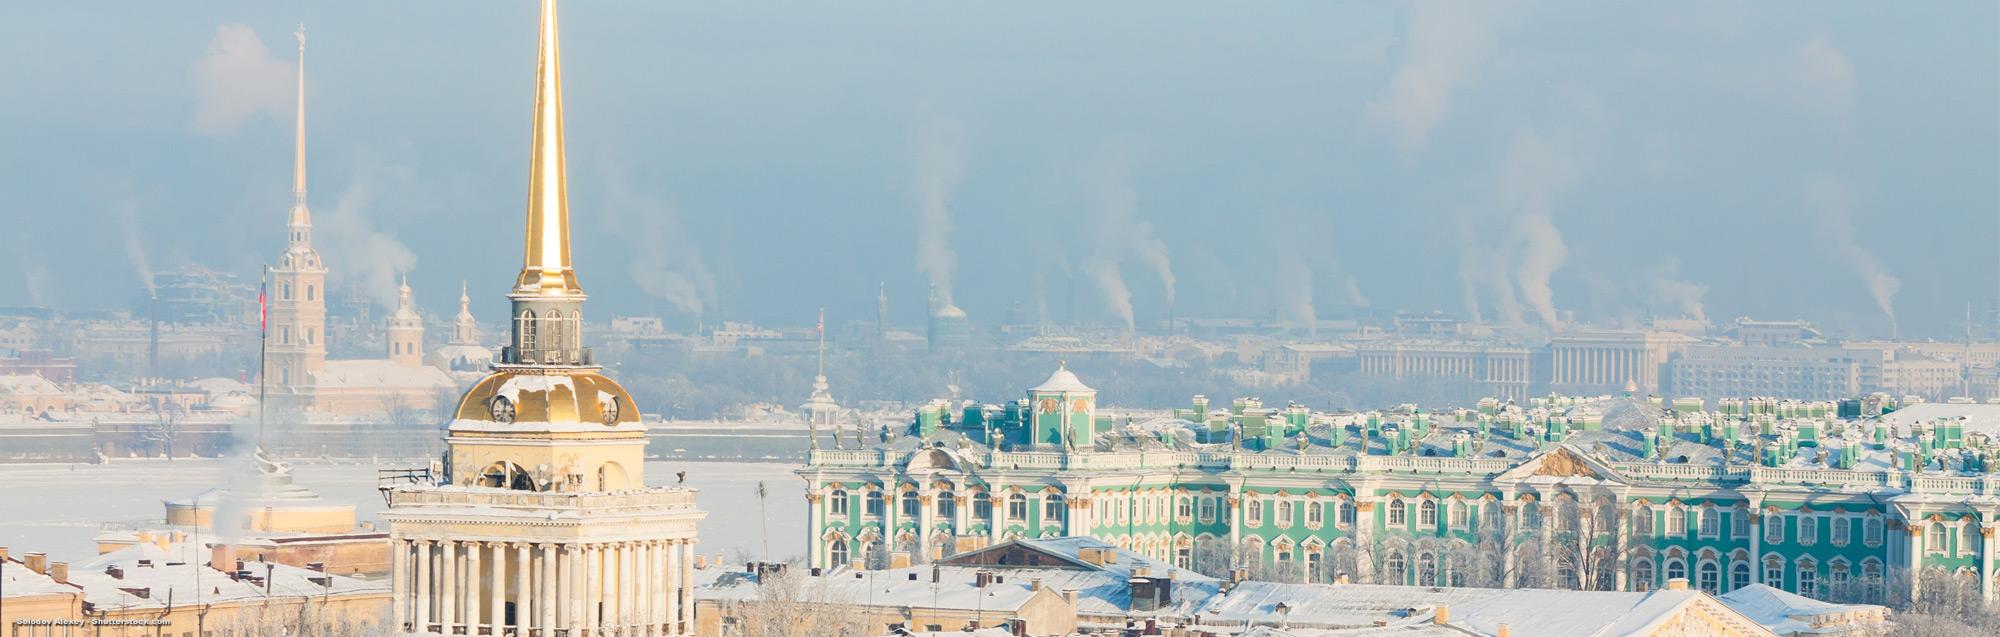 Sprachreisen nach Sankt Petersburg